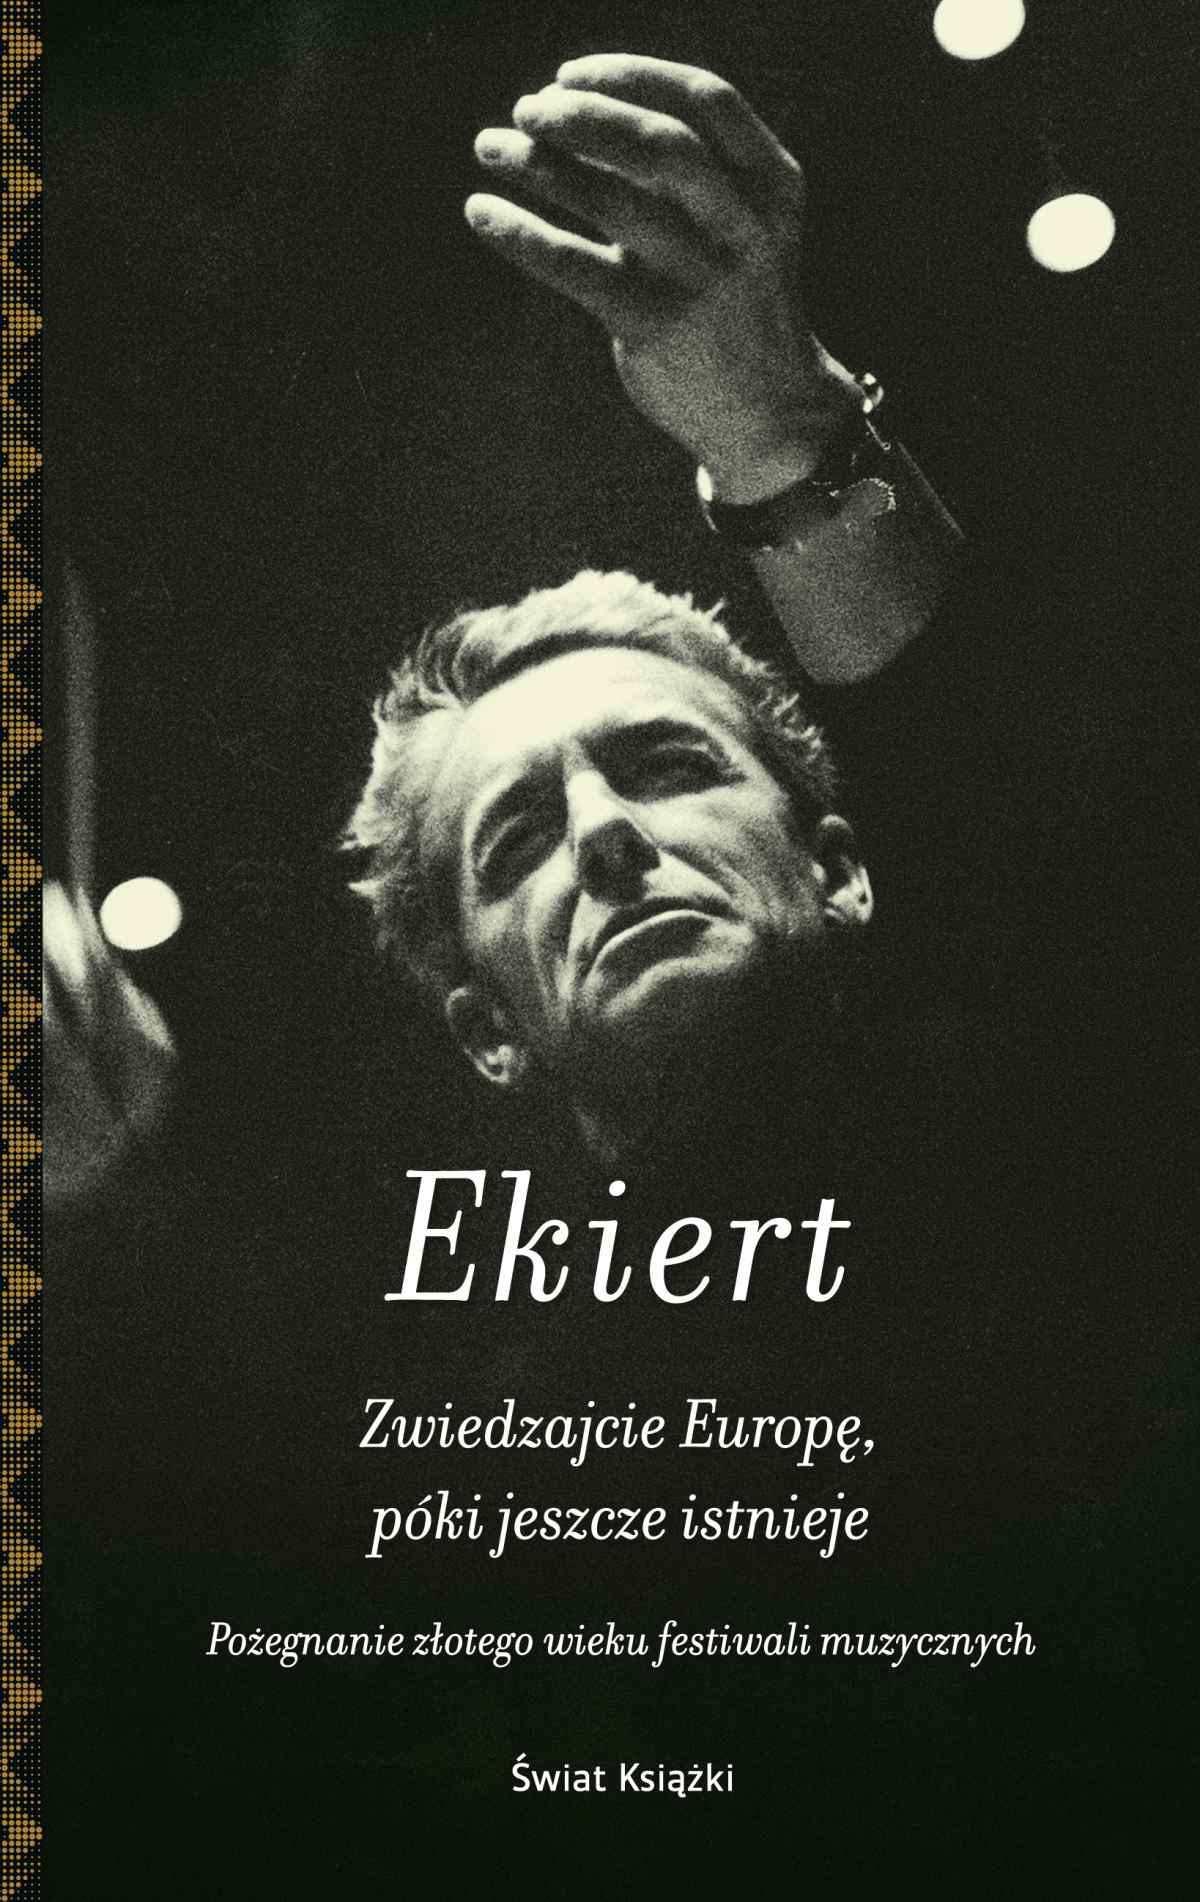 Zwiedzajcie Europę póki jeszcze istnieje - Ebook (Książka na Kindle) do pobrania w formacie MOBI